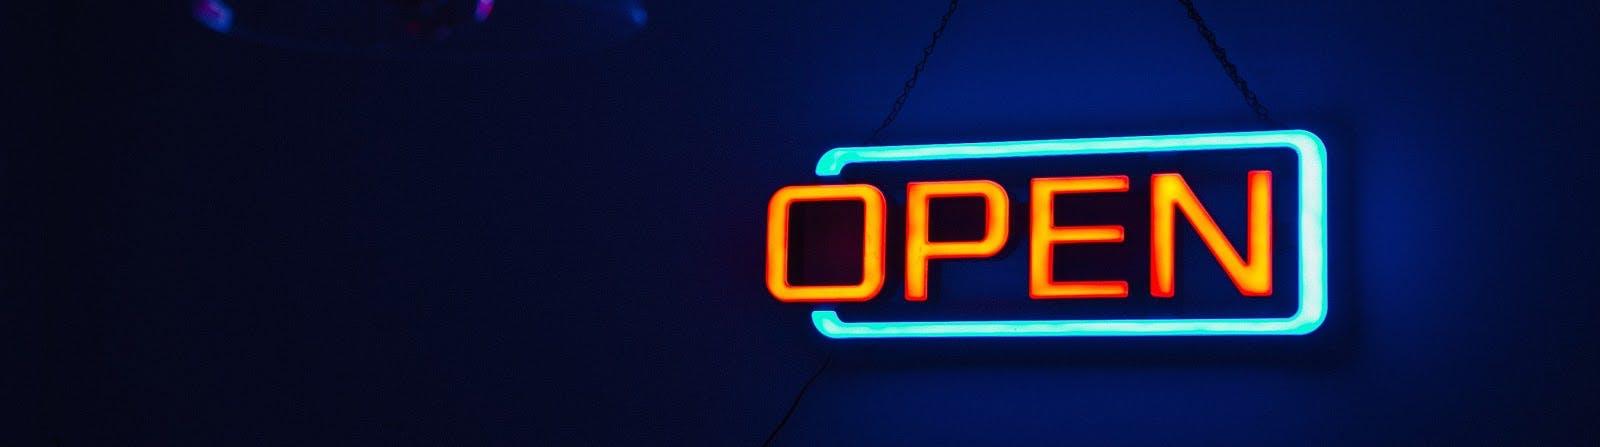 Neon open sign.